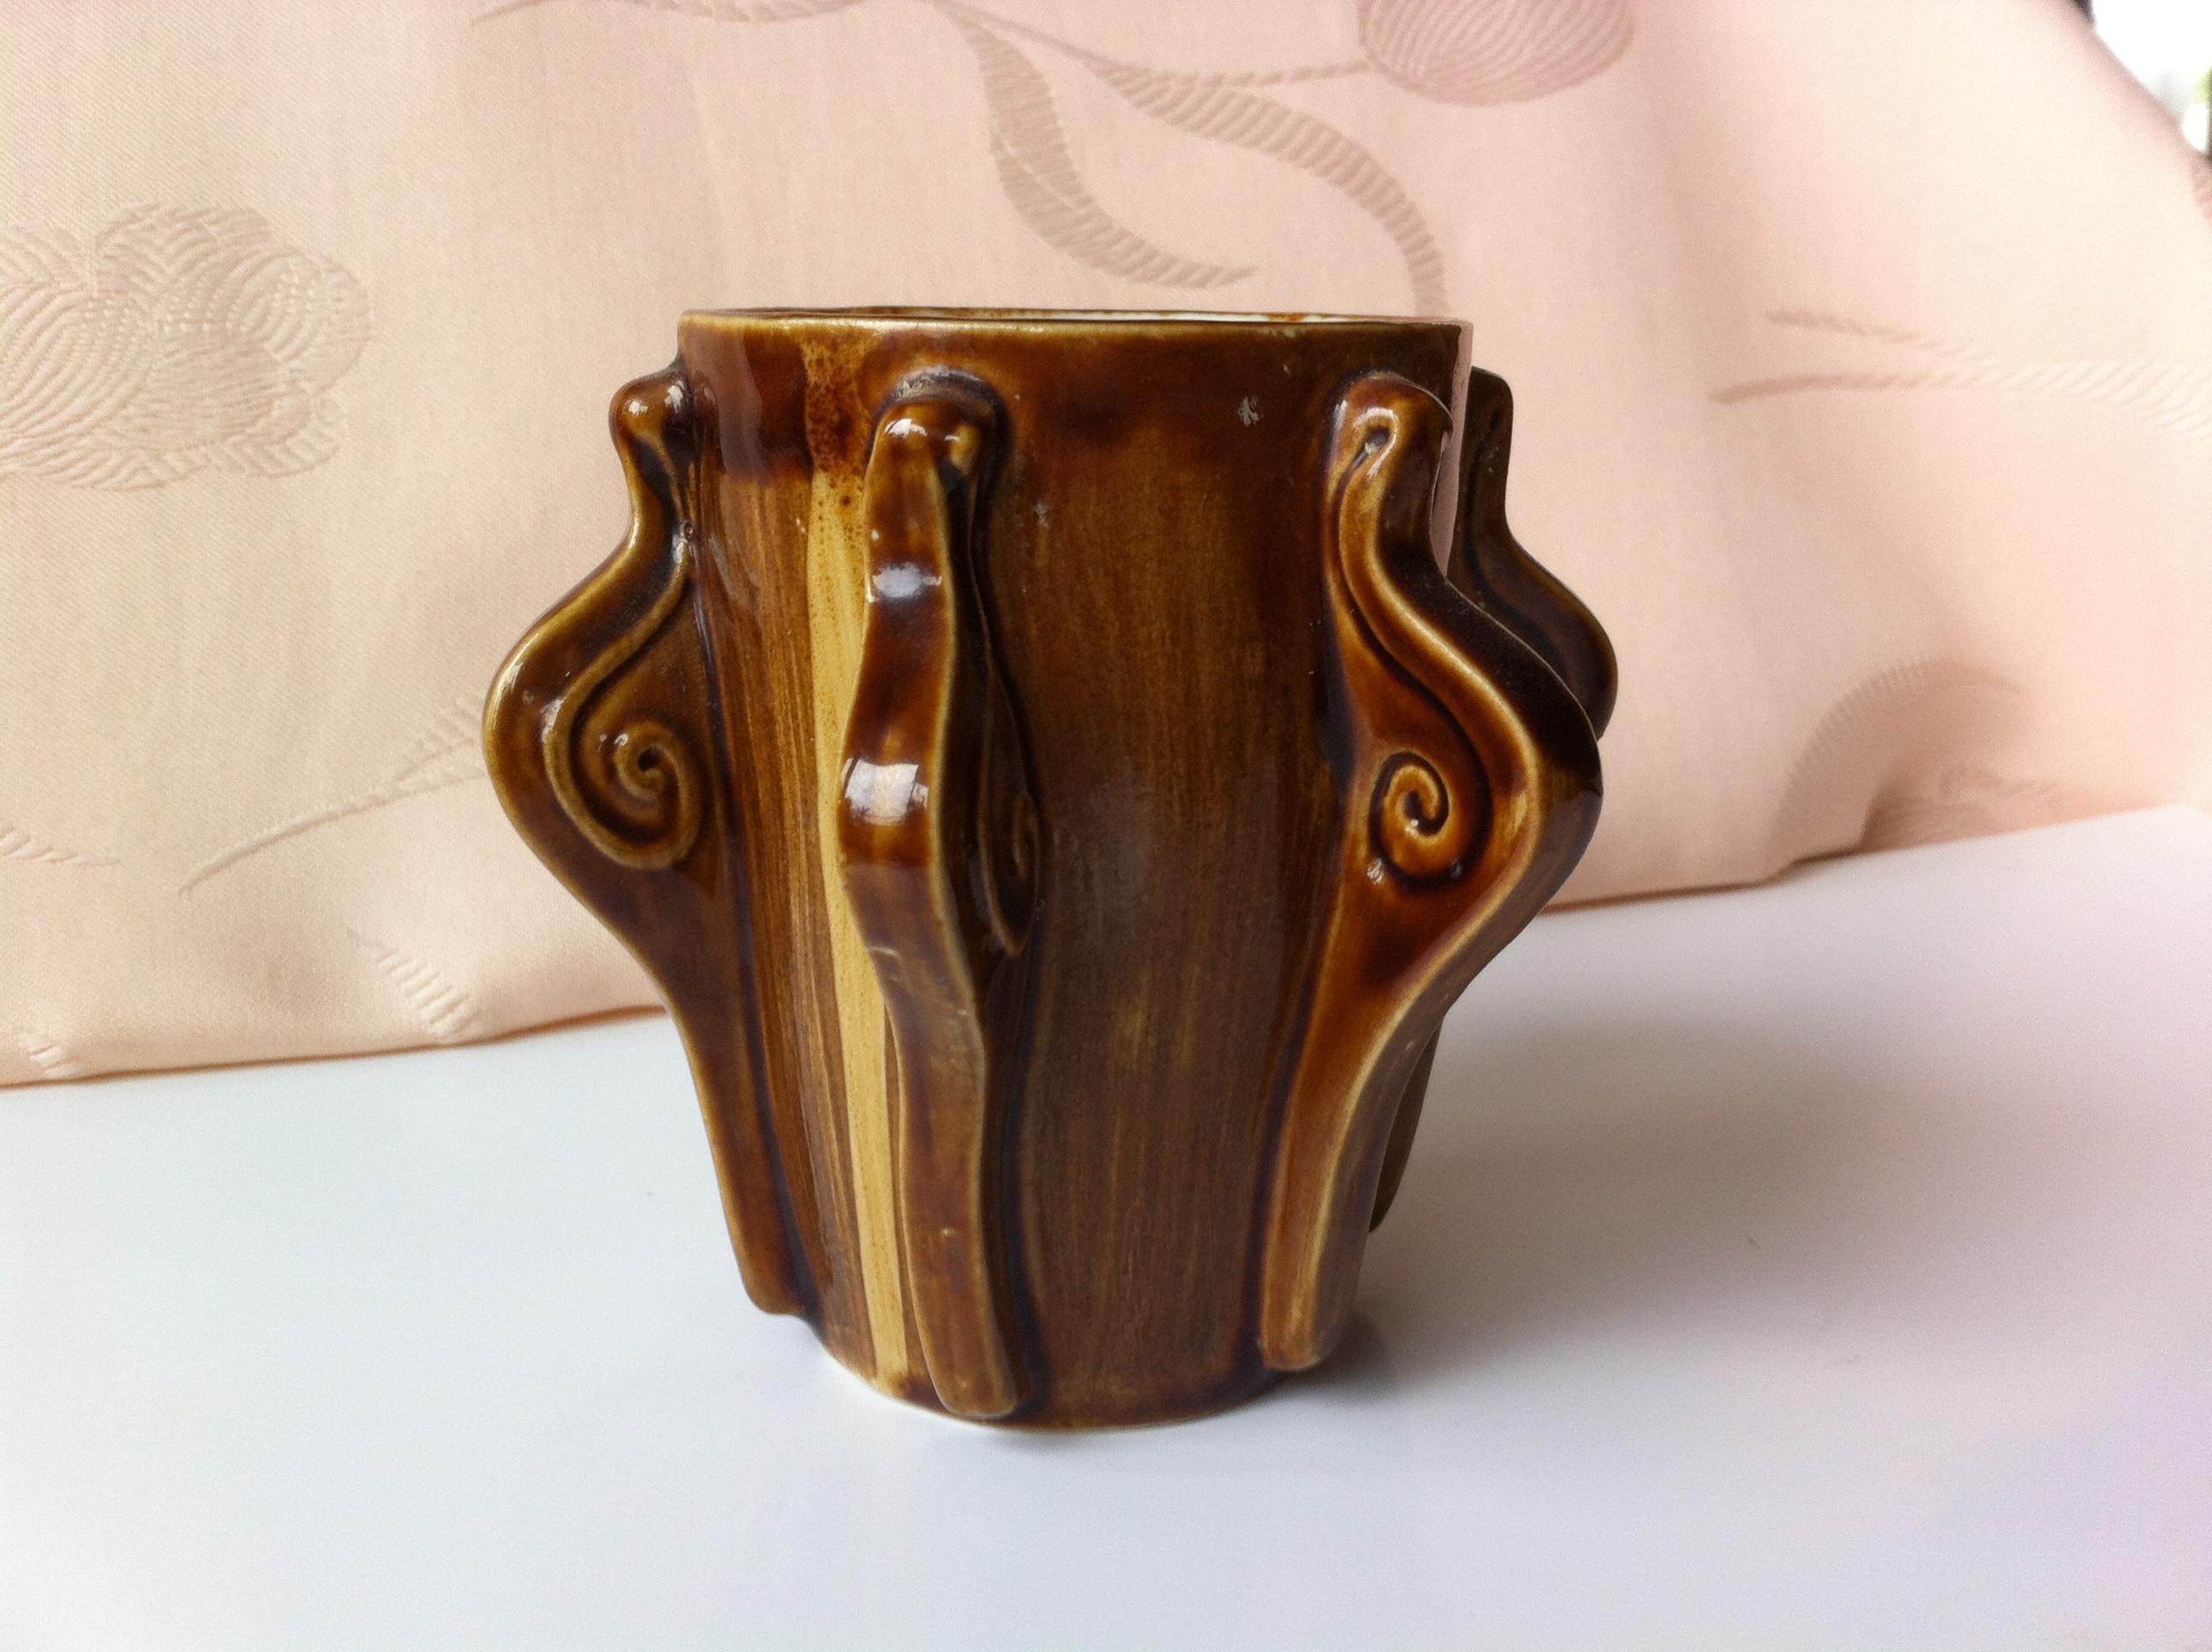 tea mug with 6 snails